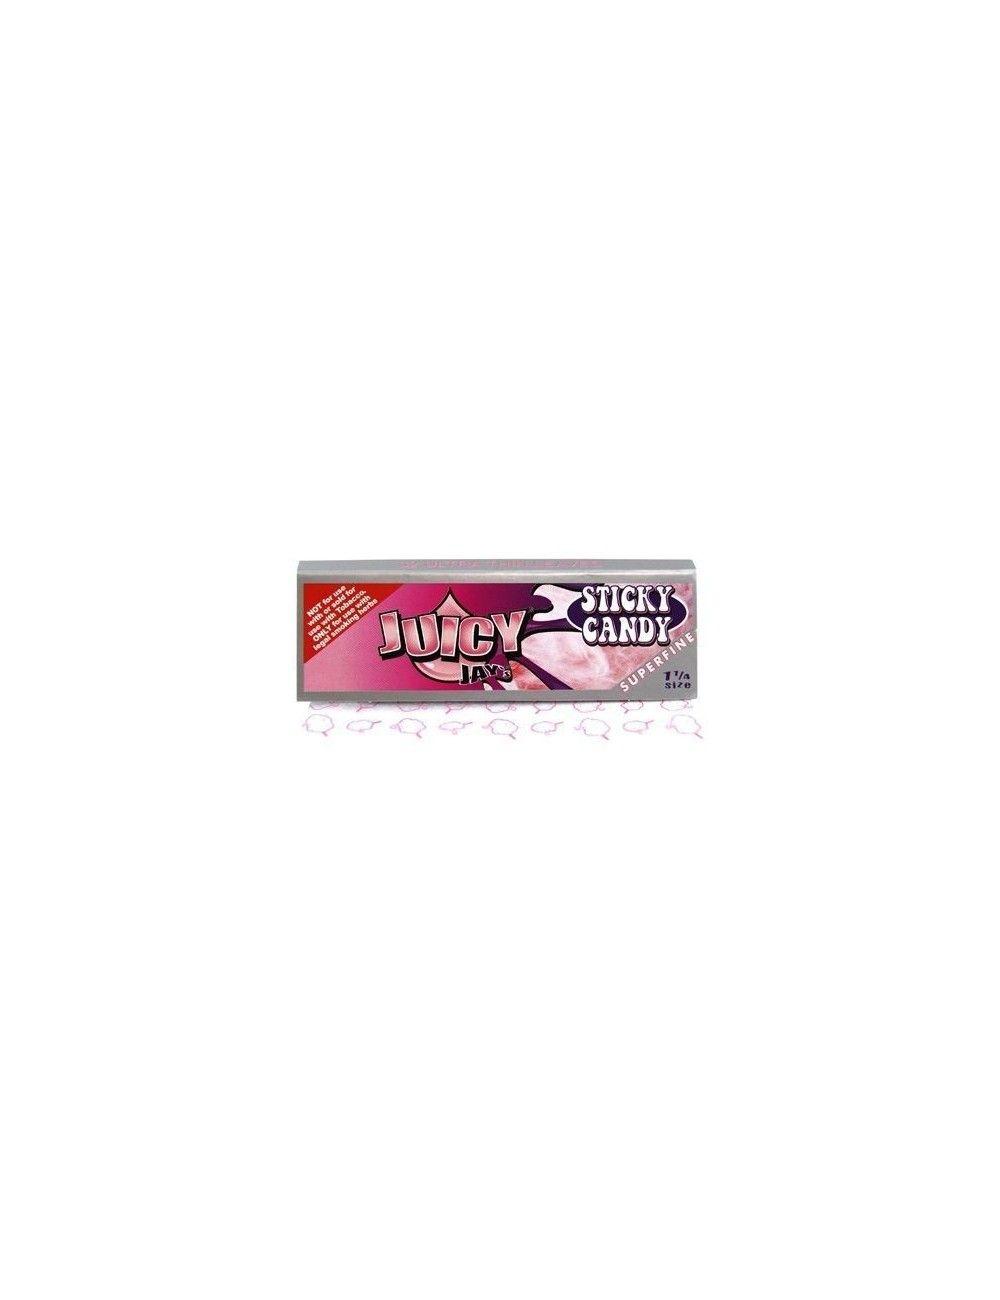 Juicy Jay's Ultra Fine Sticky Candy